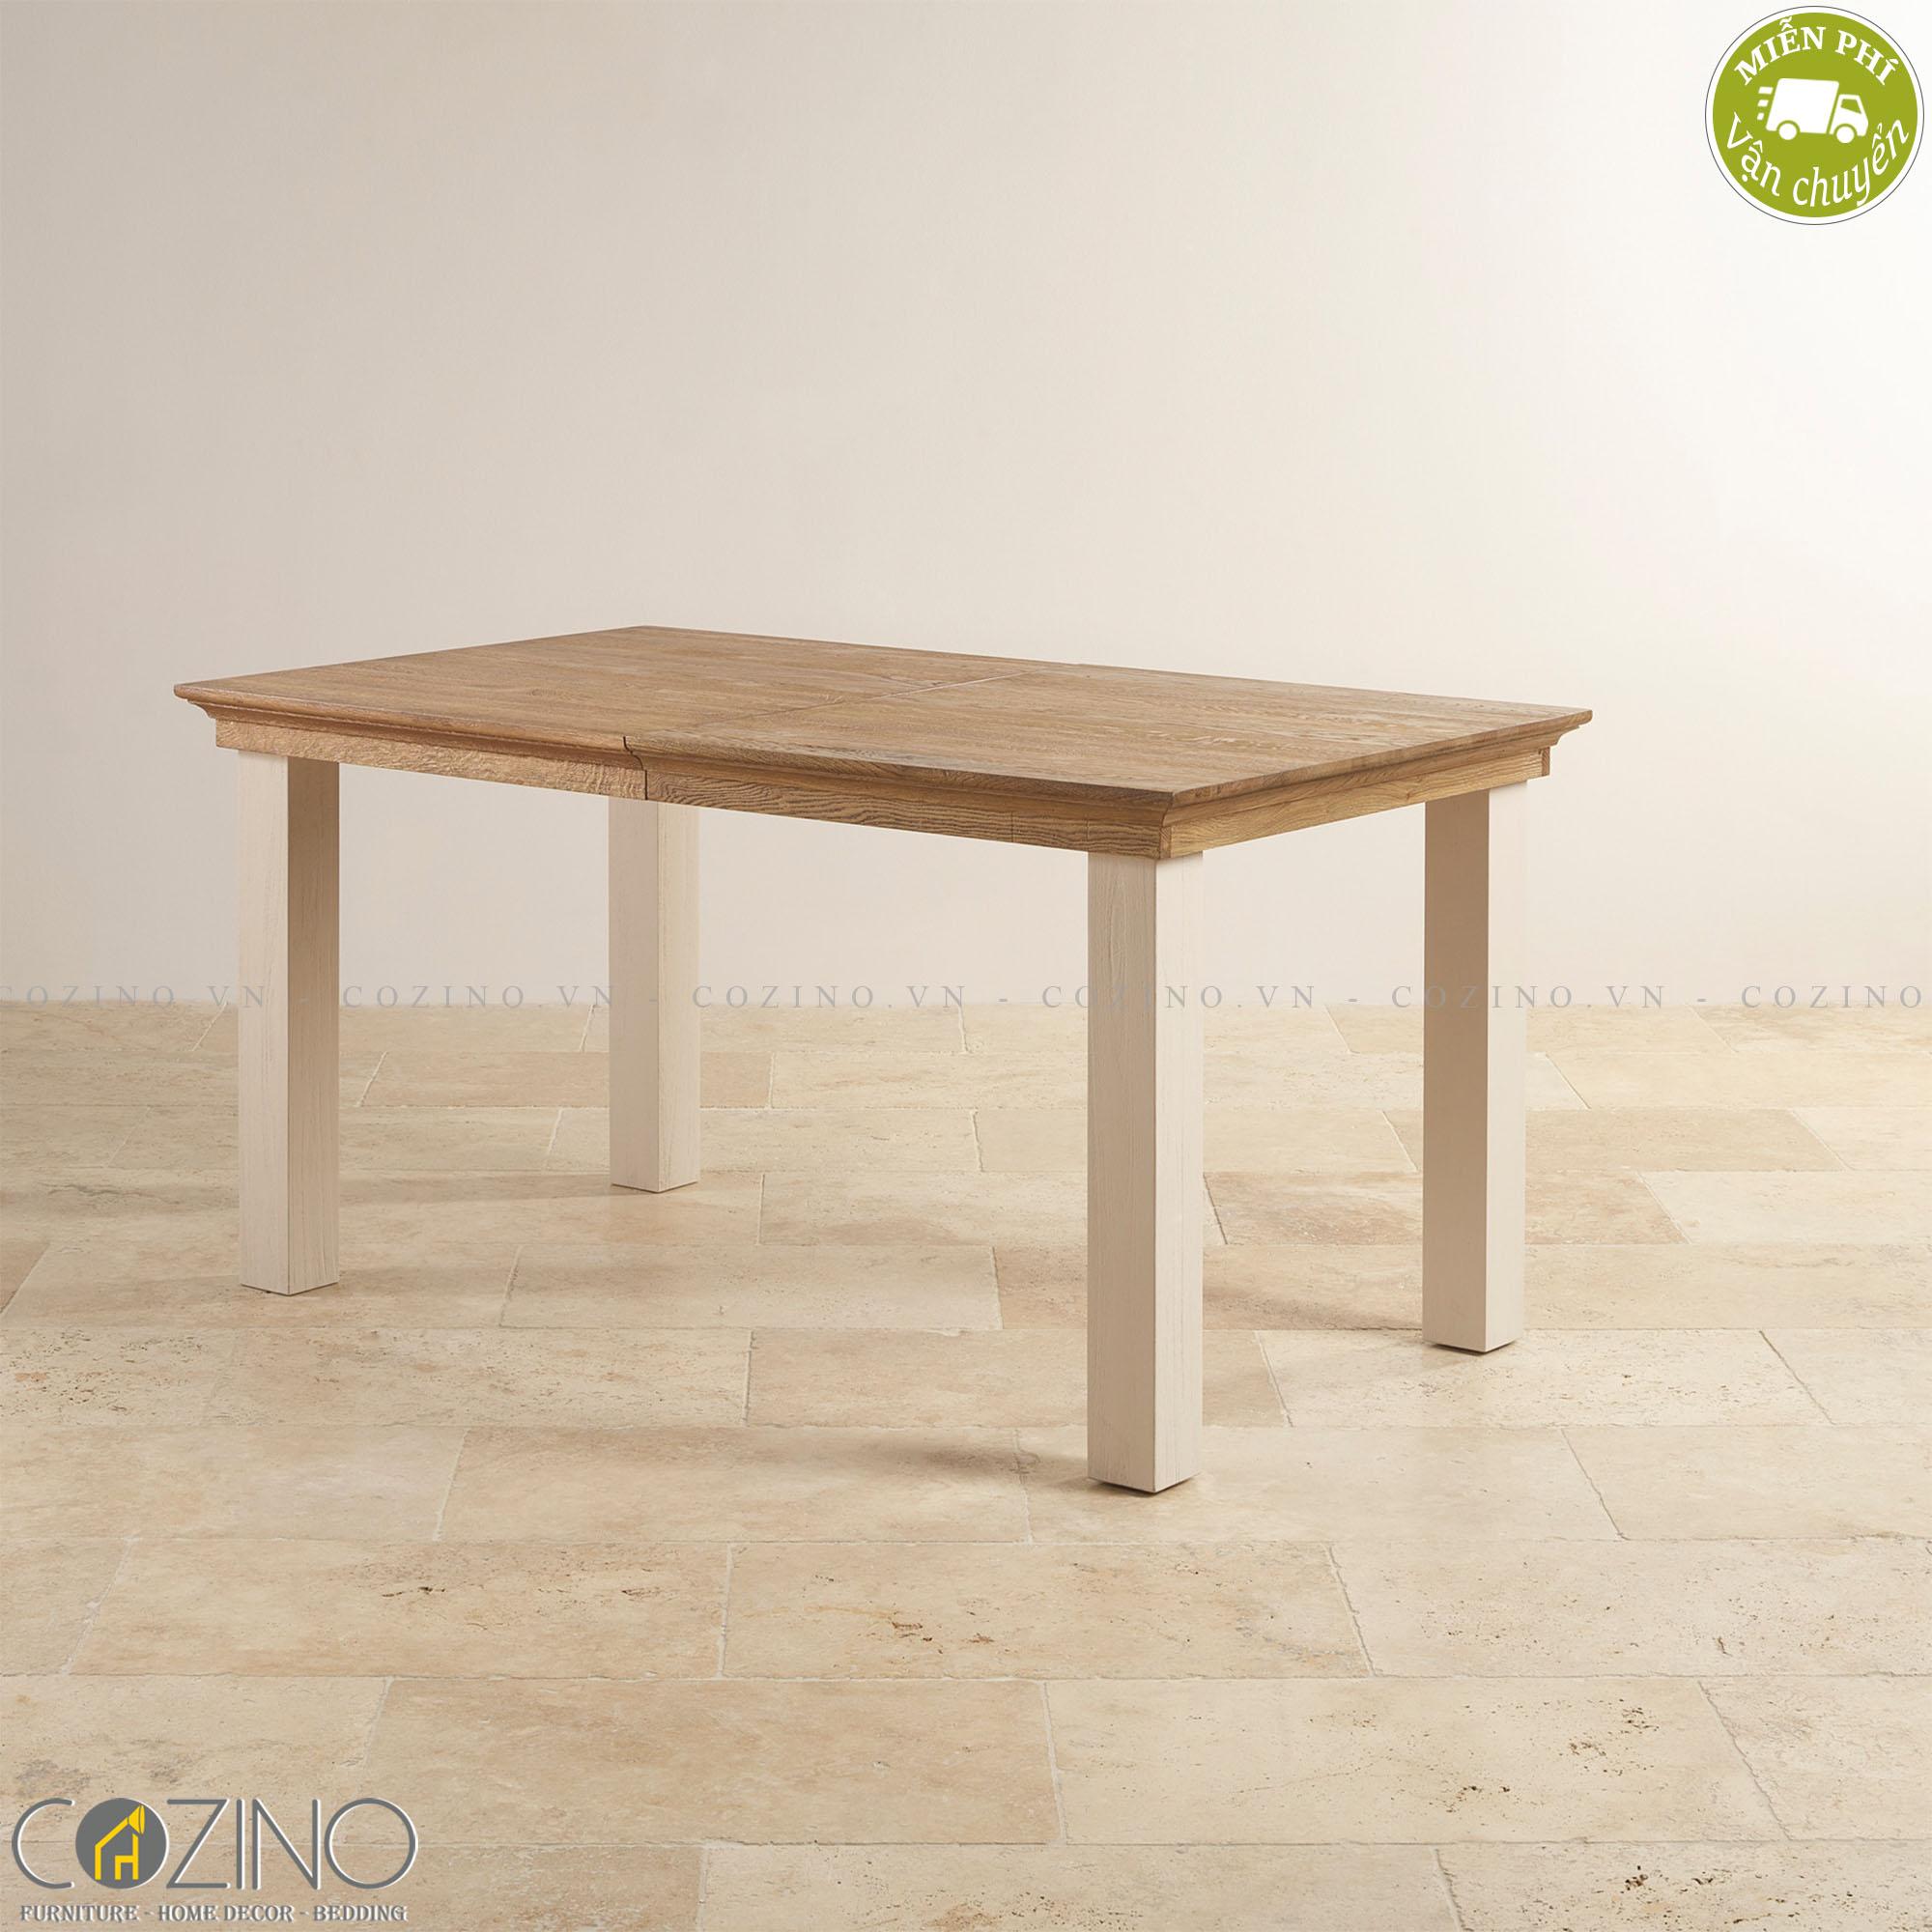 Bàn ăn 8 chỗ Sark 100%  gỗ sồi 2m0 - Cozino